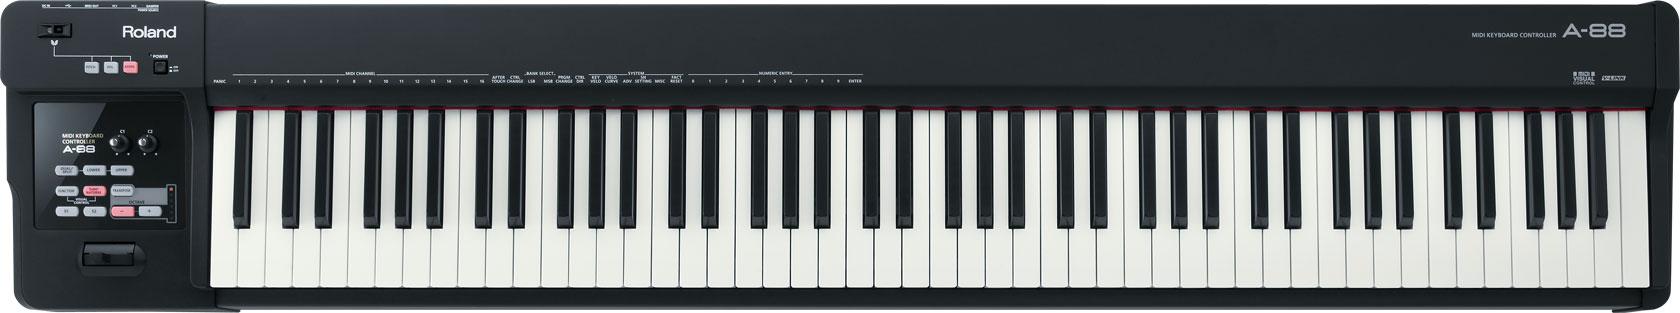 a-88 CONTRÔLEUR MIDI PORTABLE AVEC UN CLAVIER DE PIANO À QUEUE